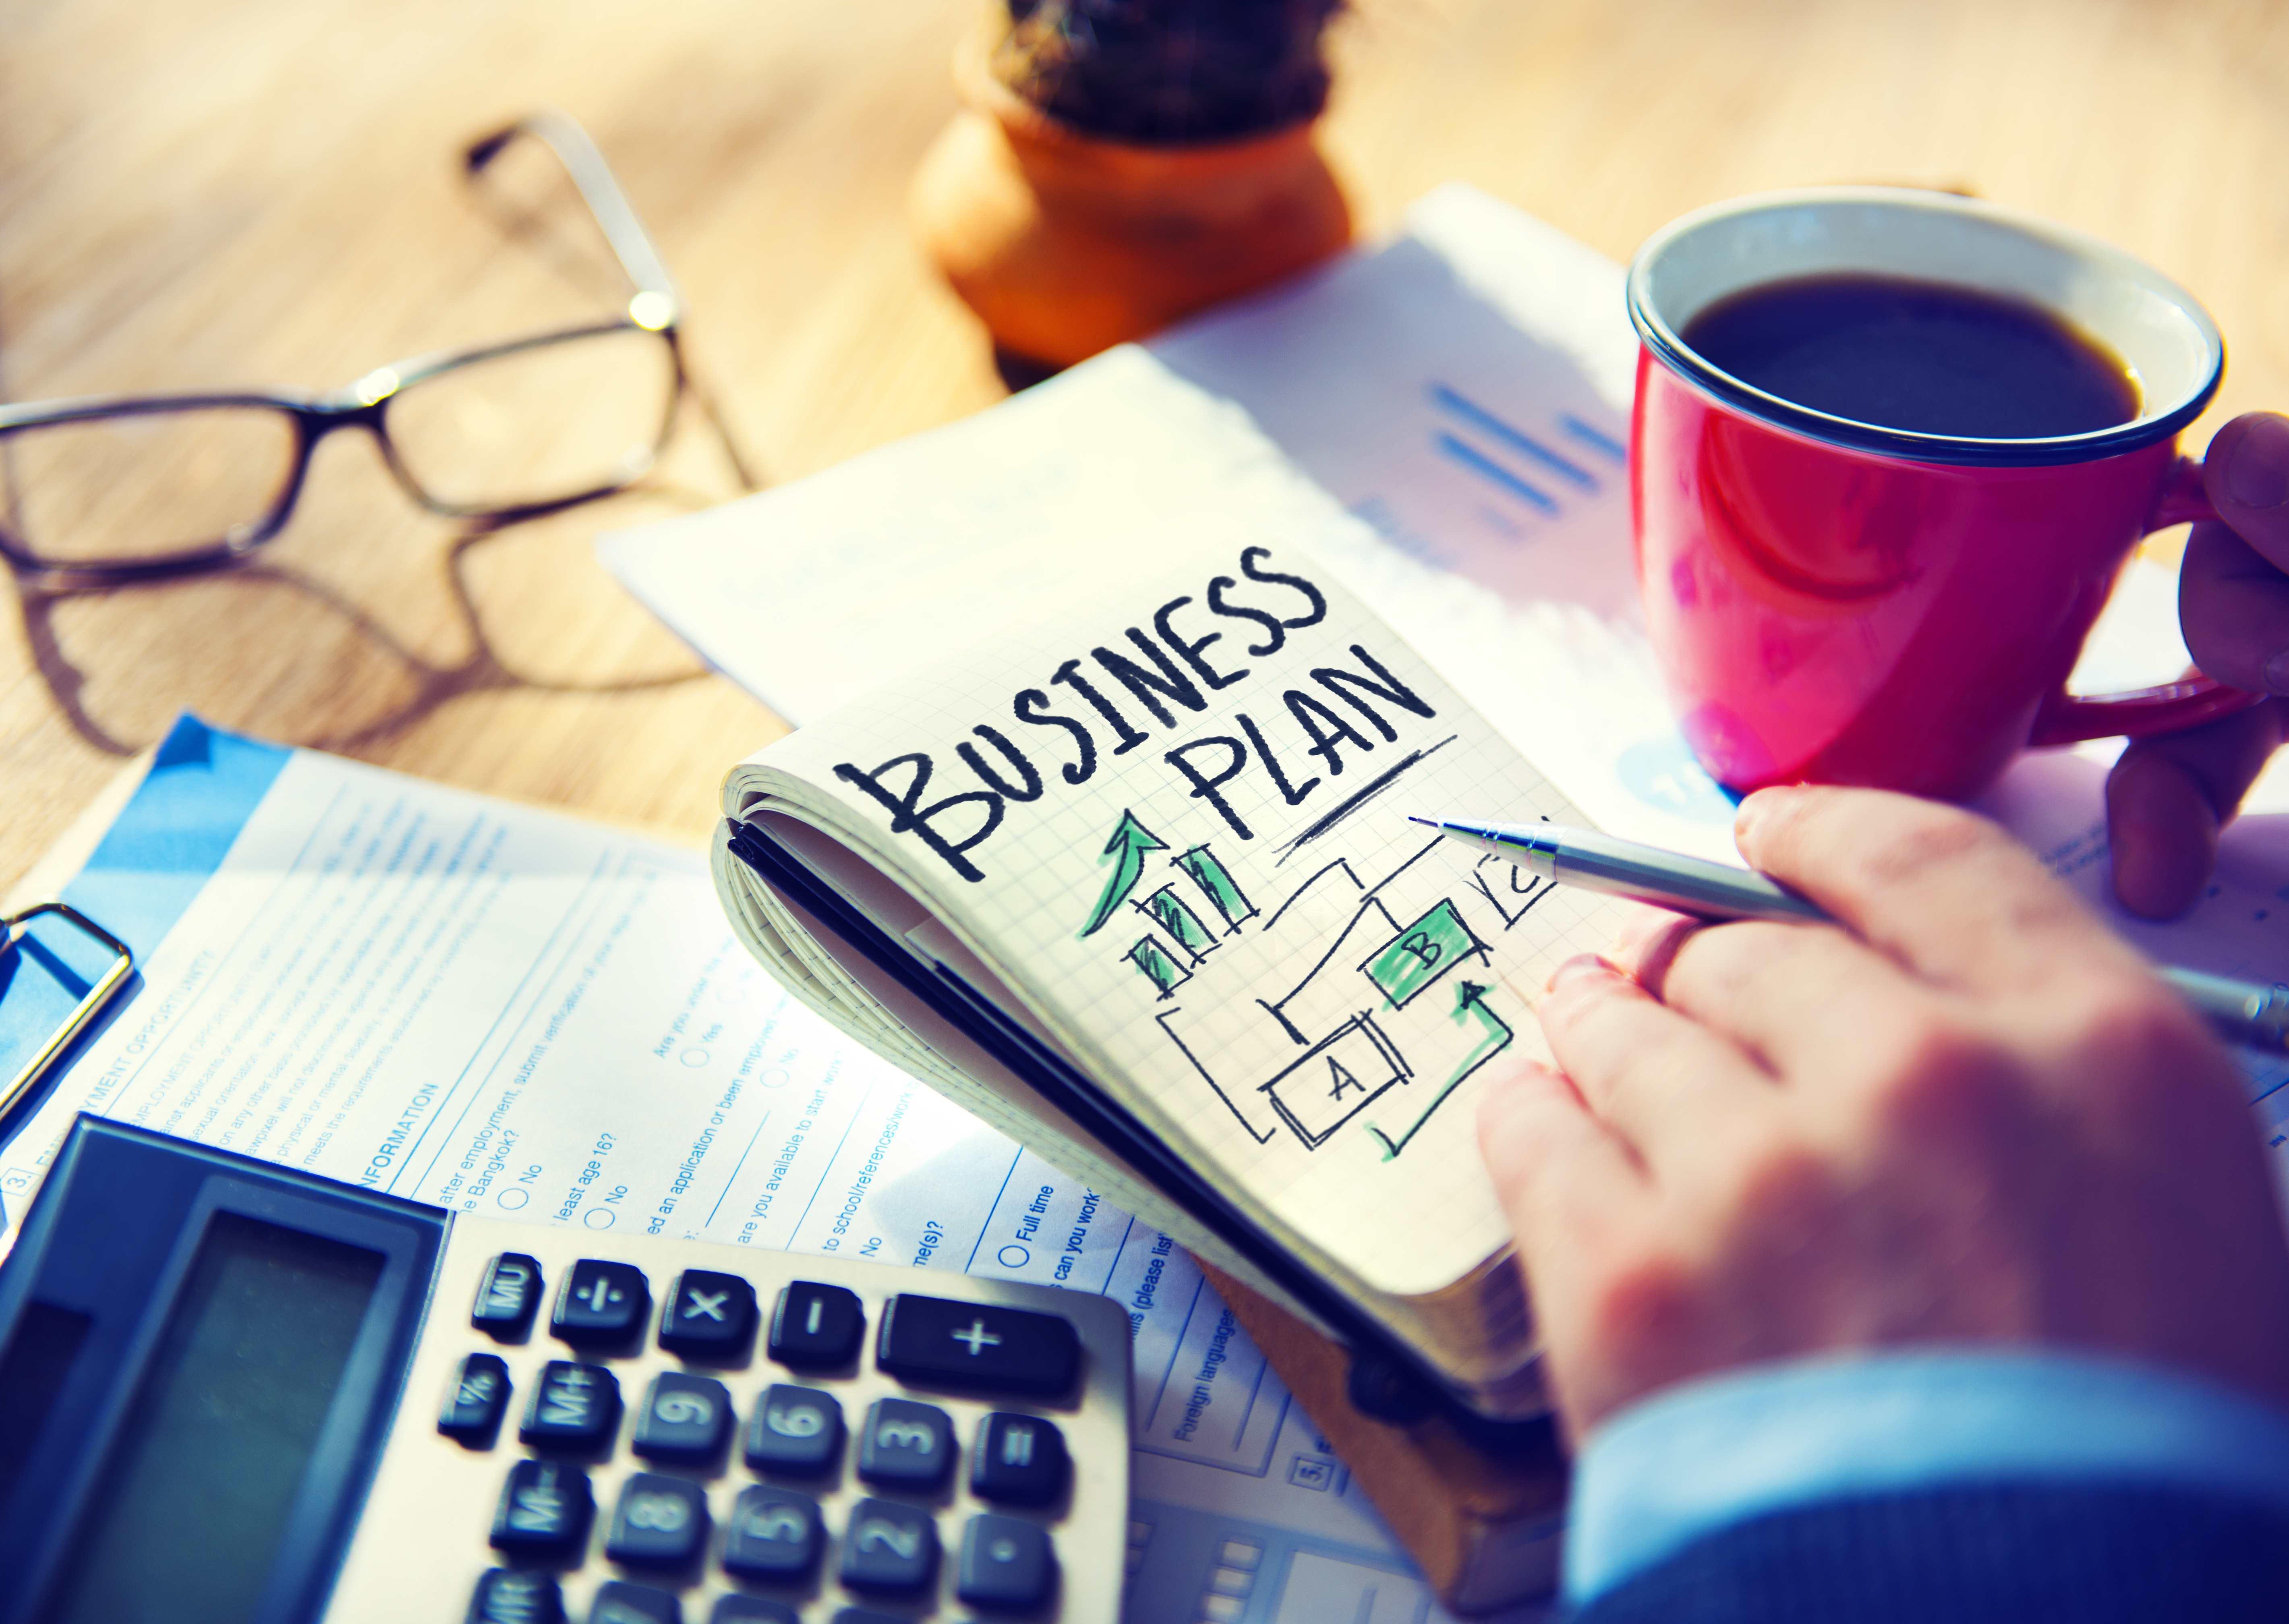 Stappenplan: Zo schrijf je een ondernemingsplan